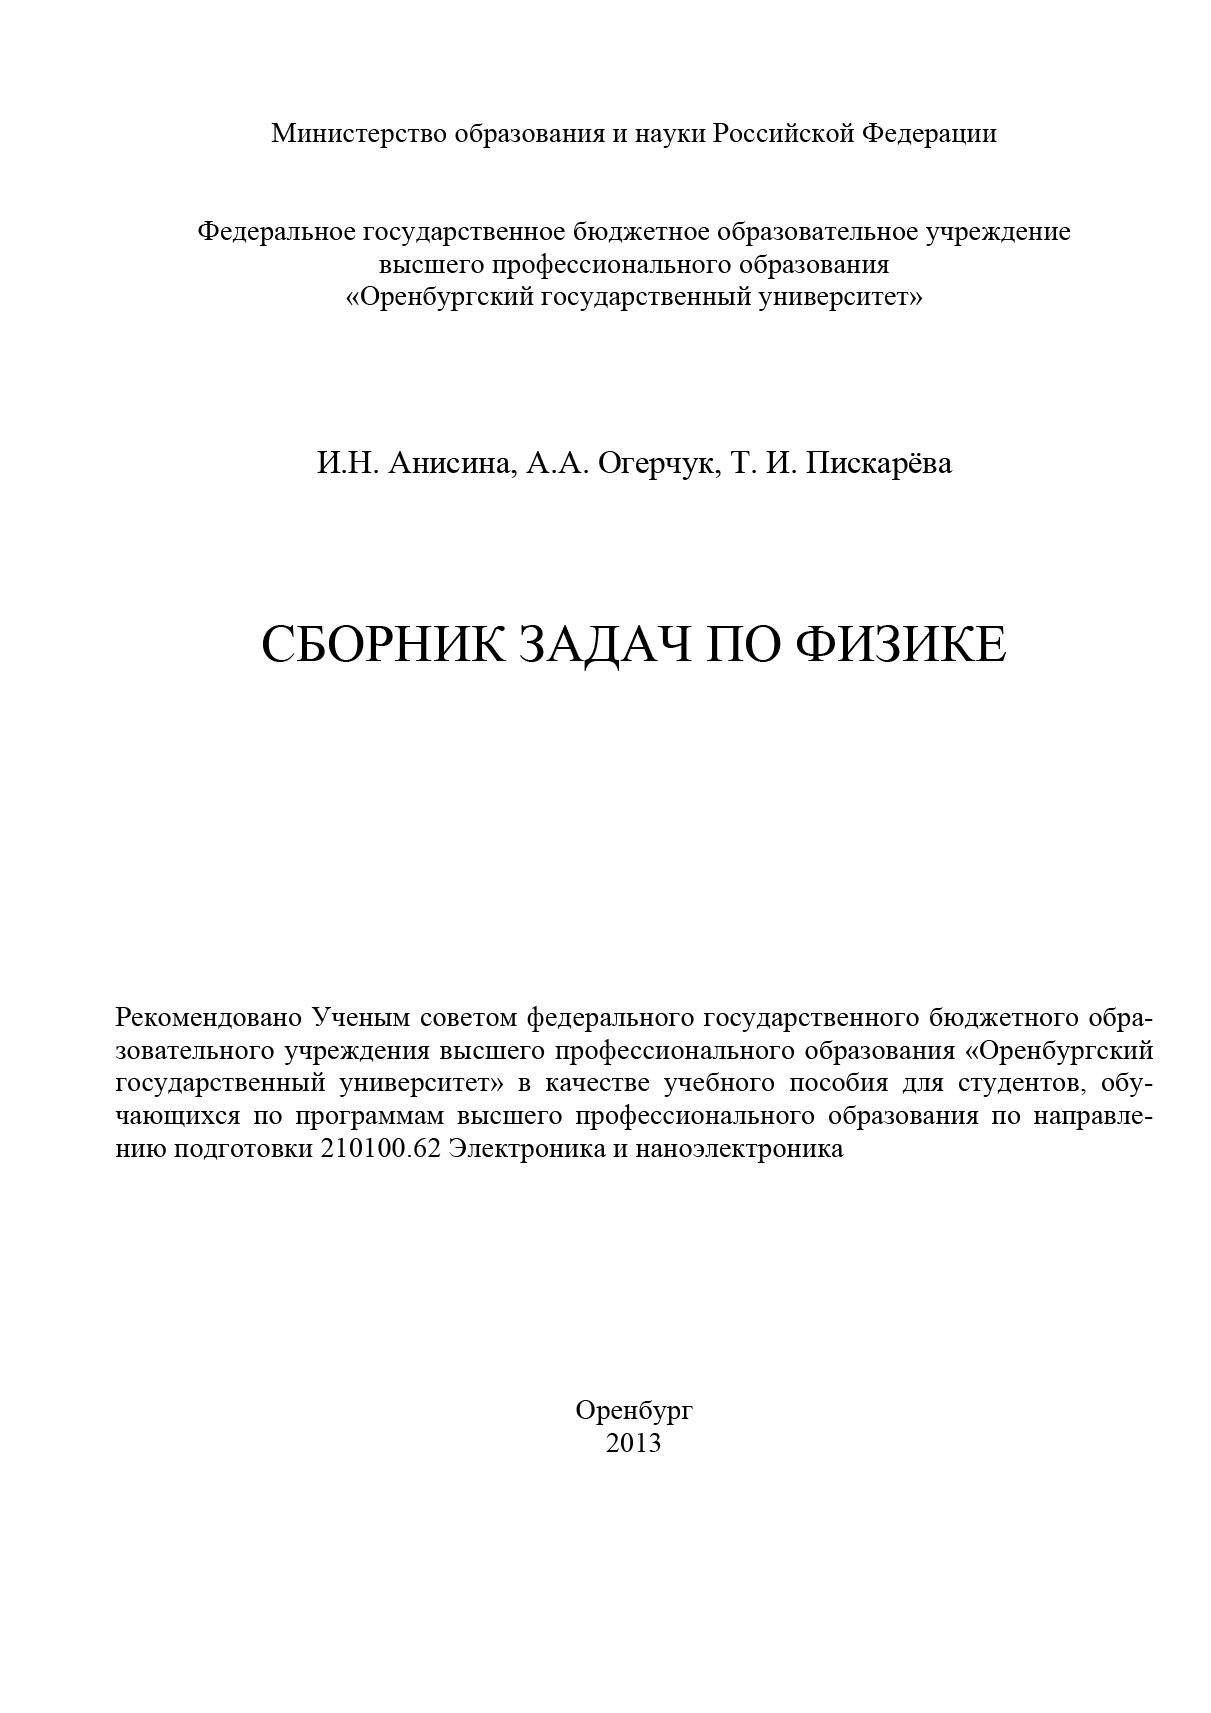 И. Анисина Сборник задач по физике наноэлектроника учебное пособие